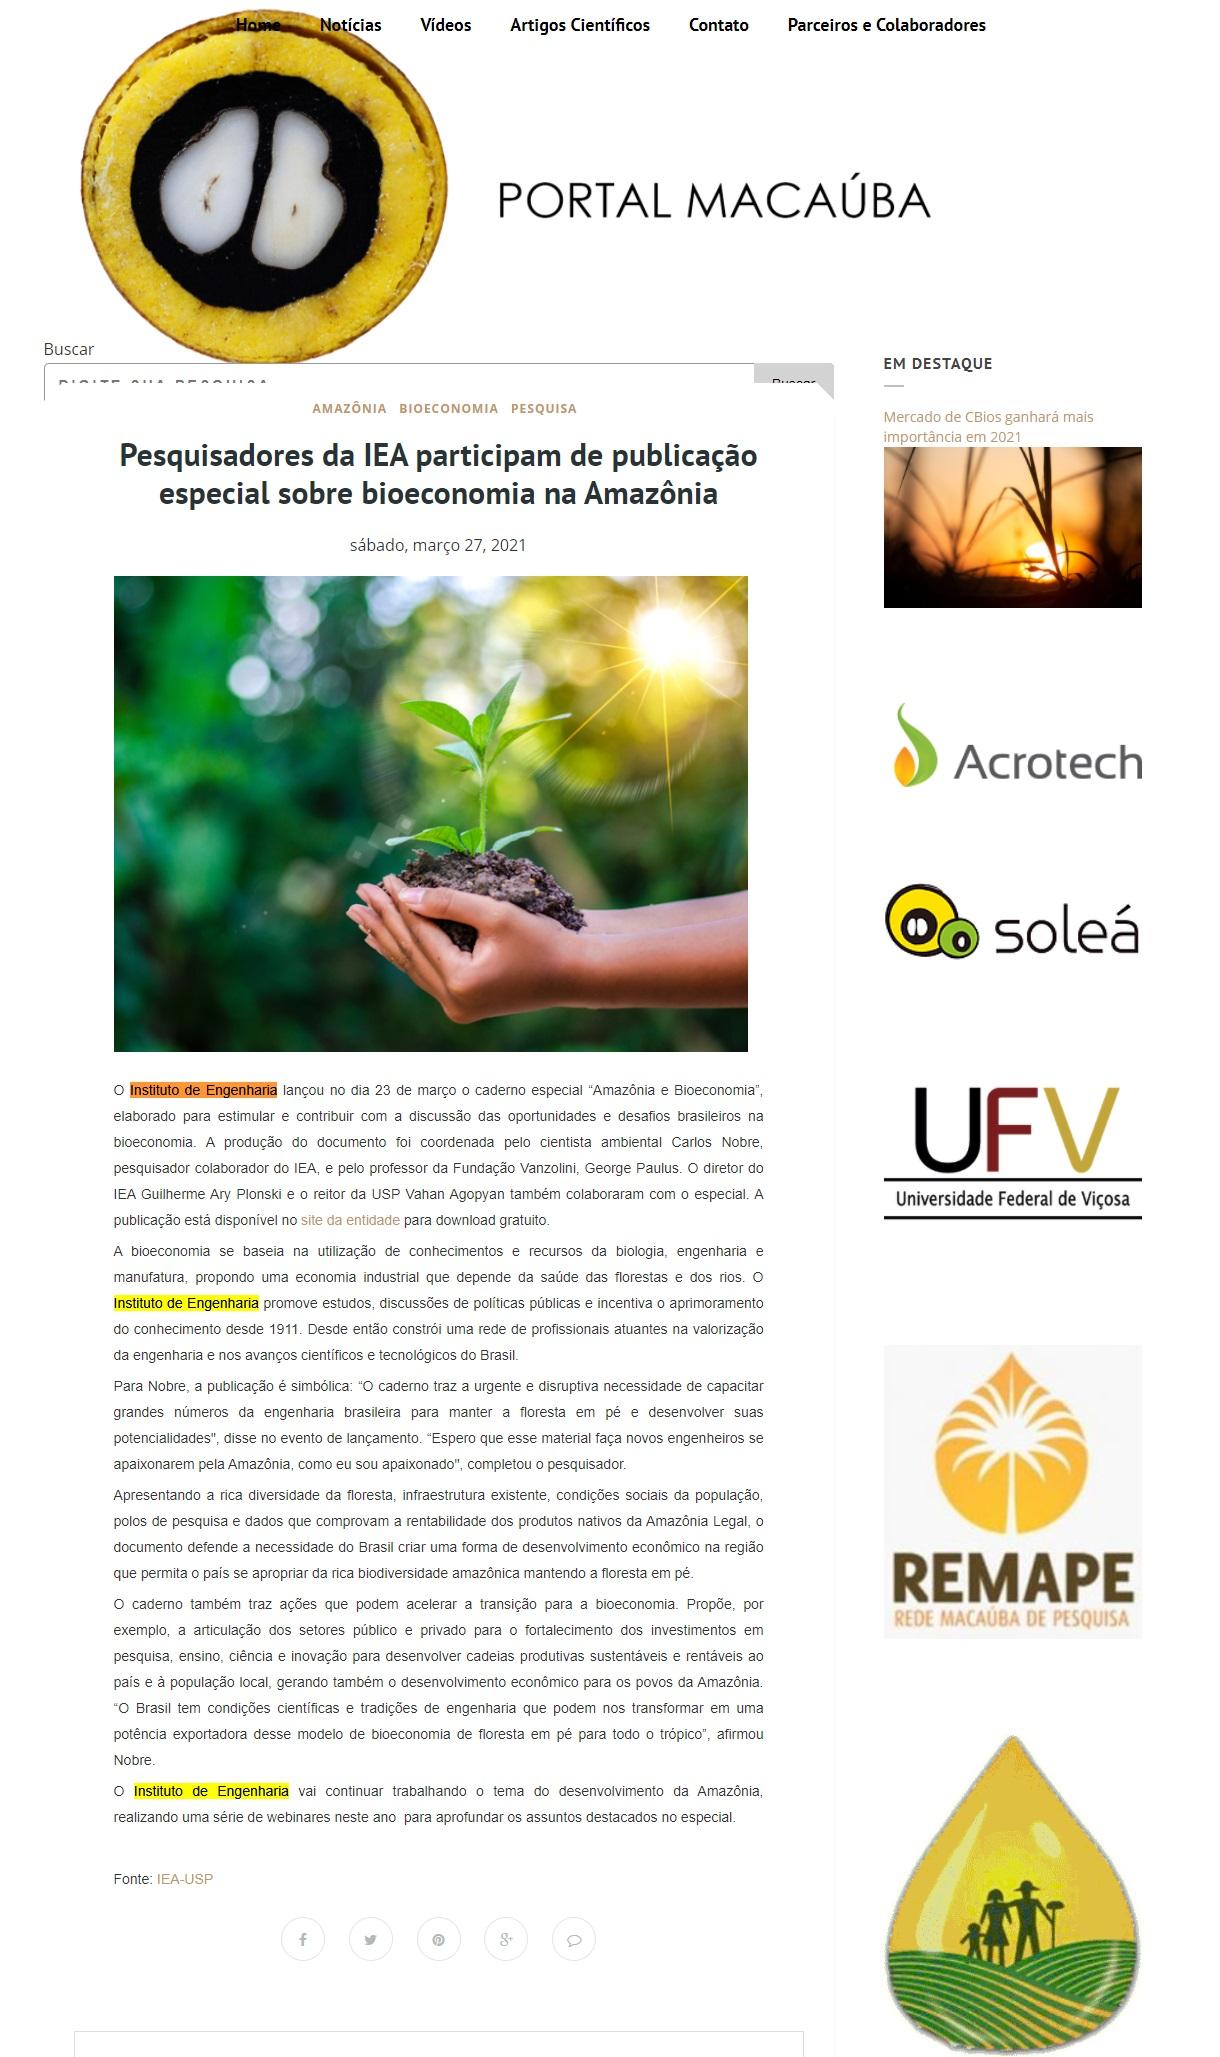 Pesquisadores da IEA participam de publicação especial sobre bioeconomia na Amazônia - Portal Macauba